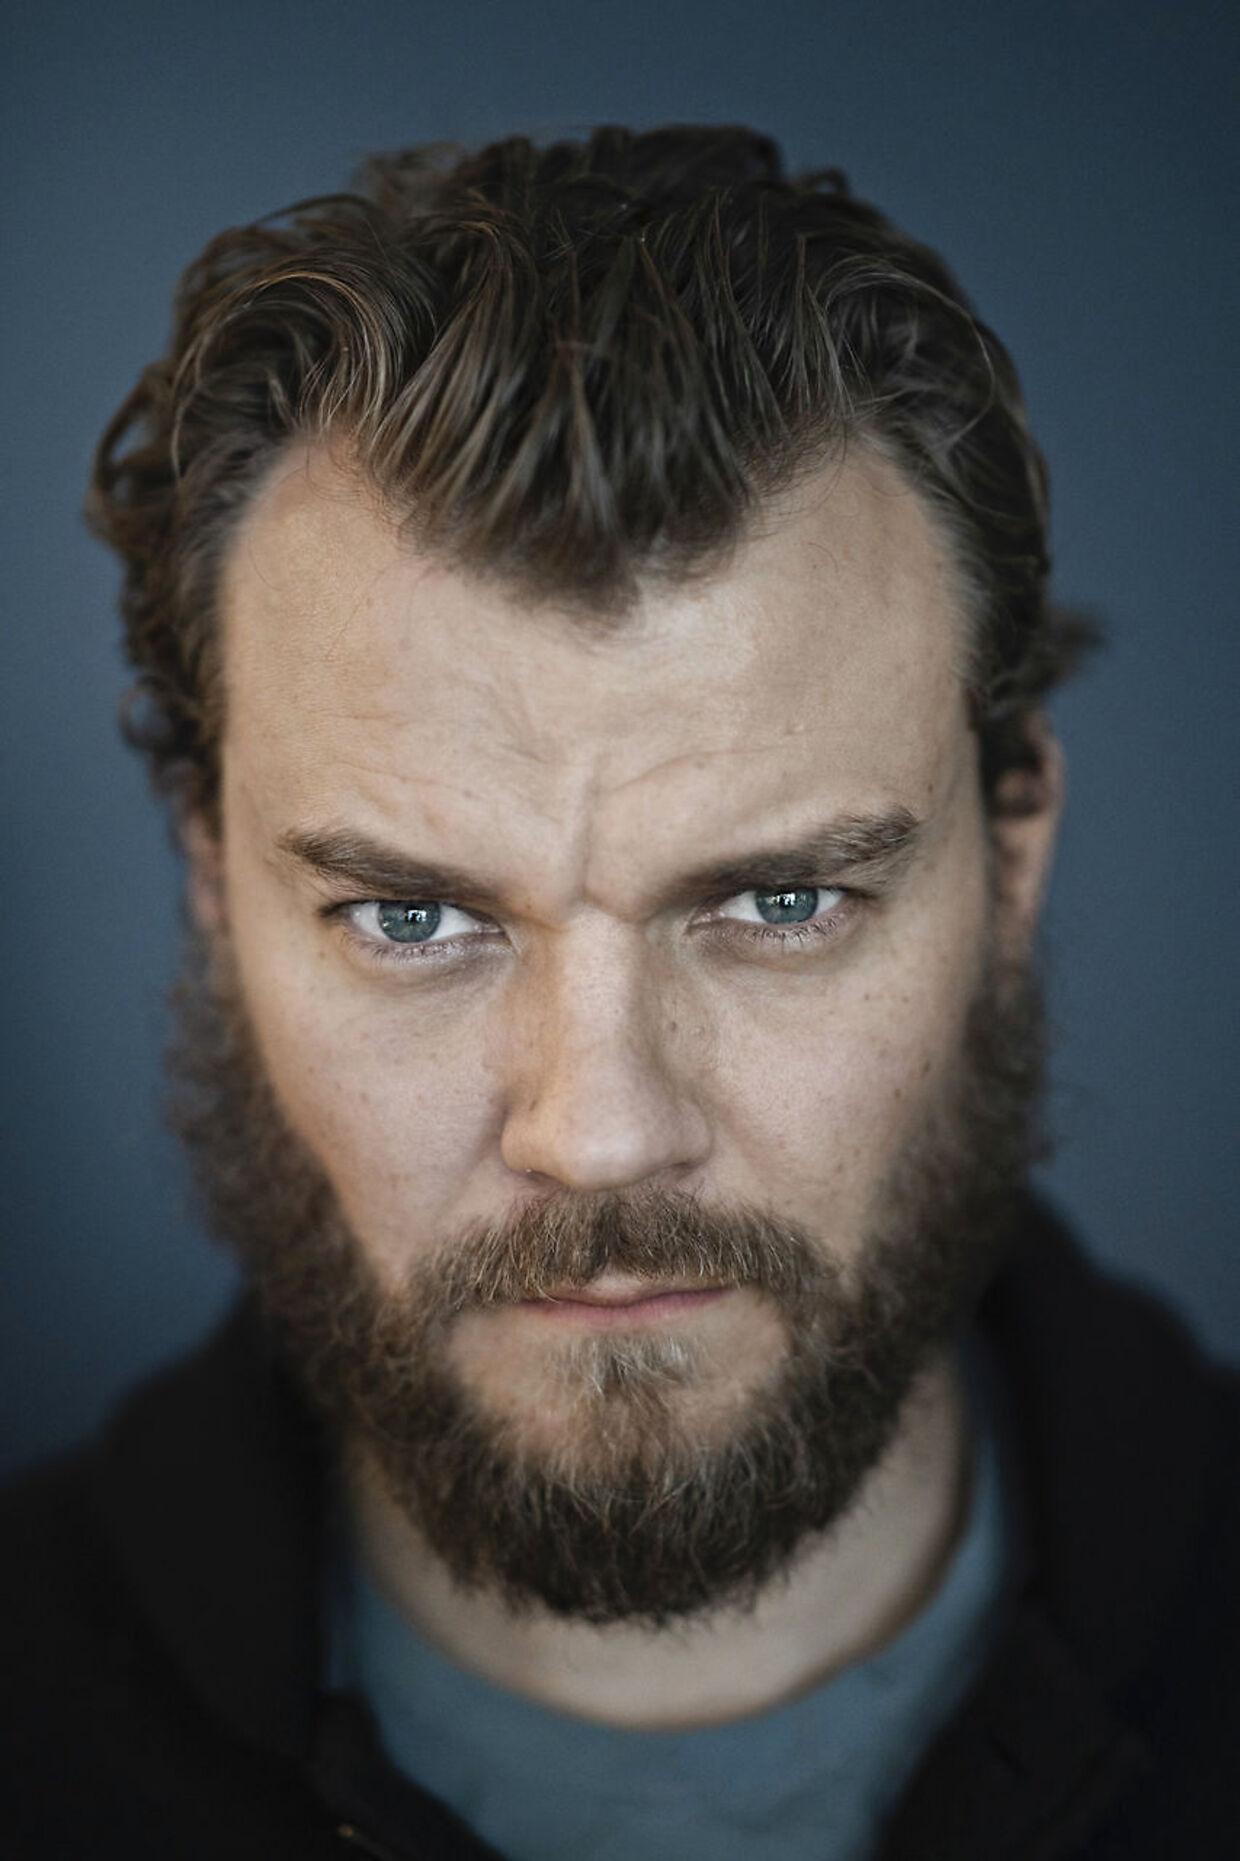 Den dansk/franske skuespiller synes, det er fedt at spille skurk.